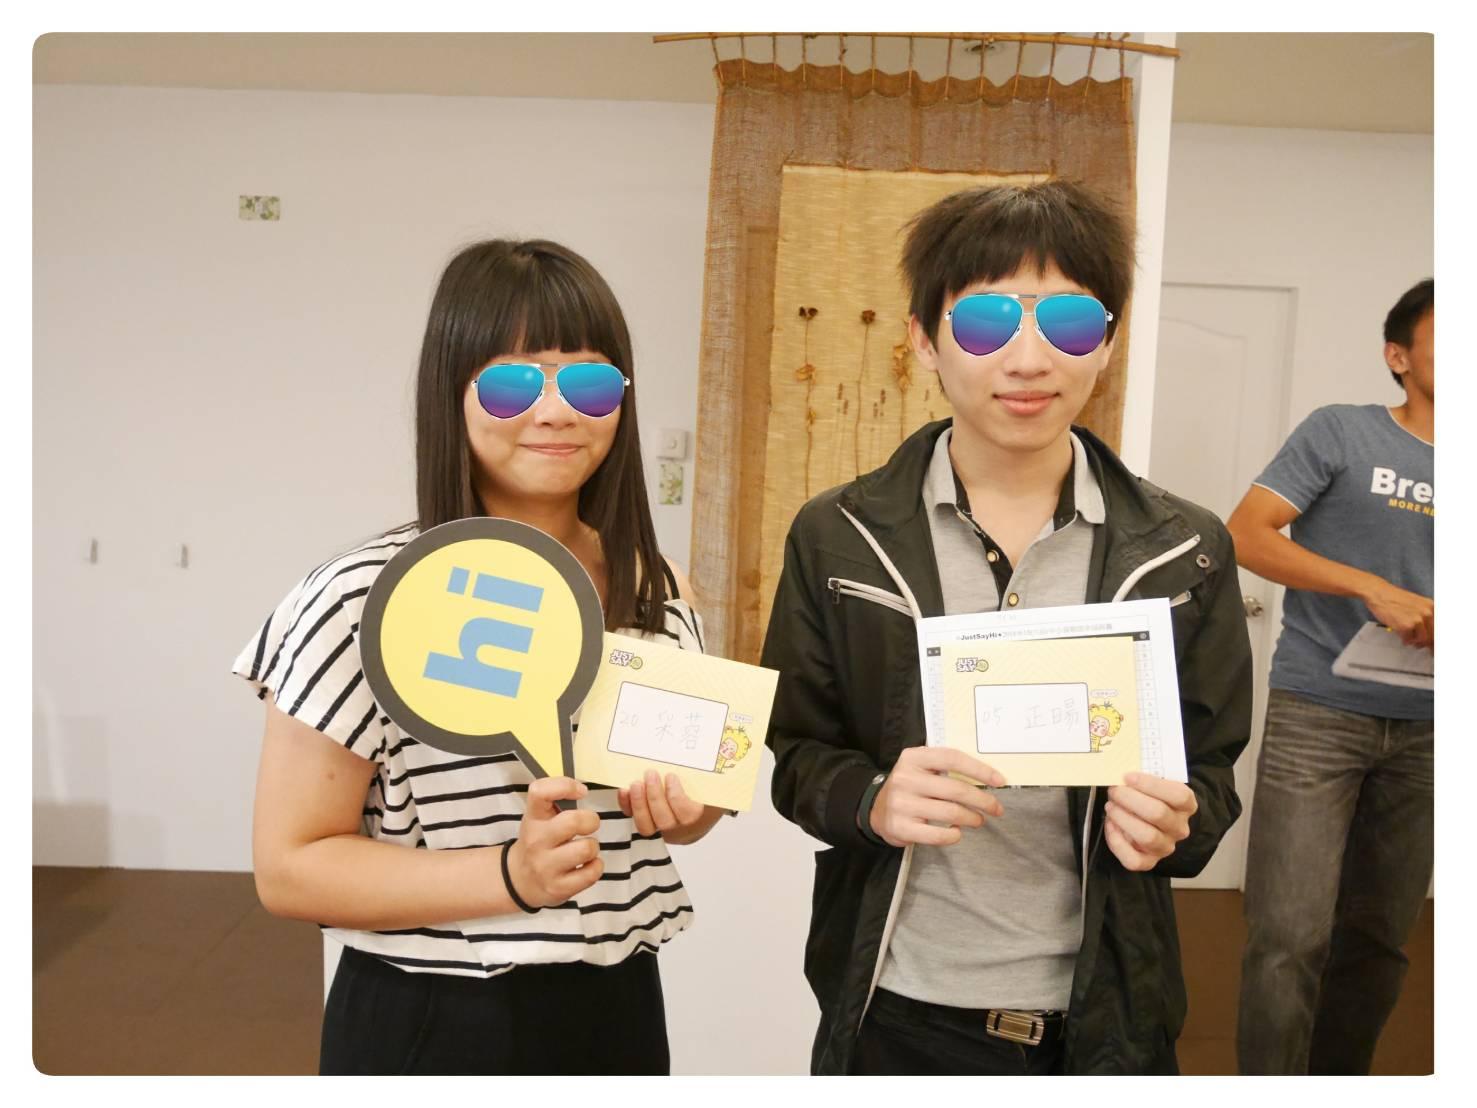 恭喜蕭先生、李小姐配對成功!